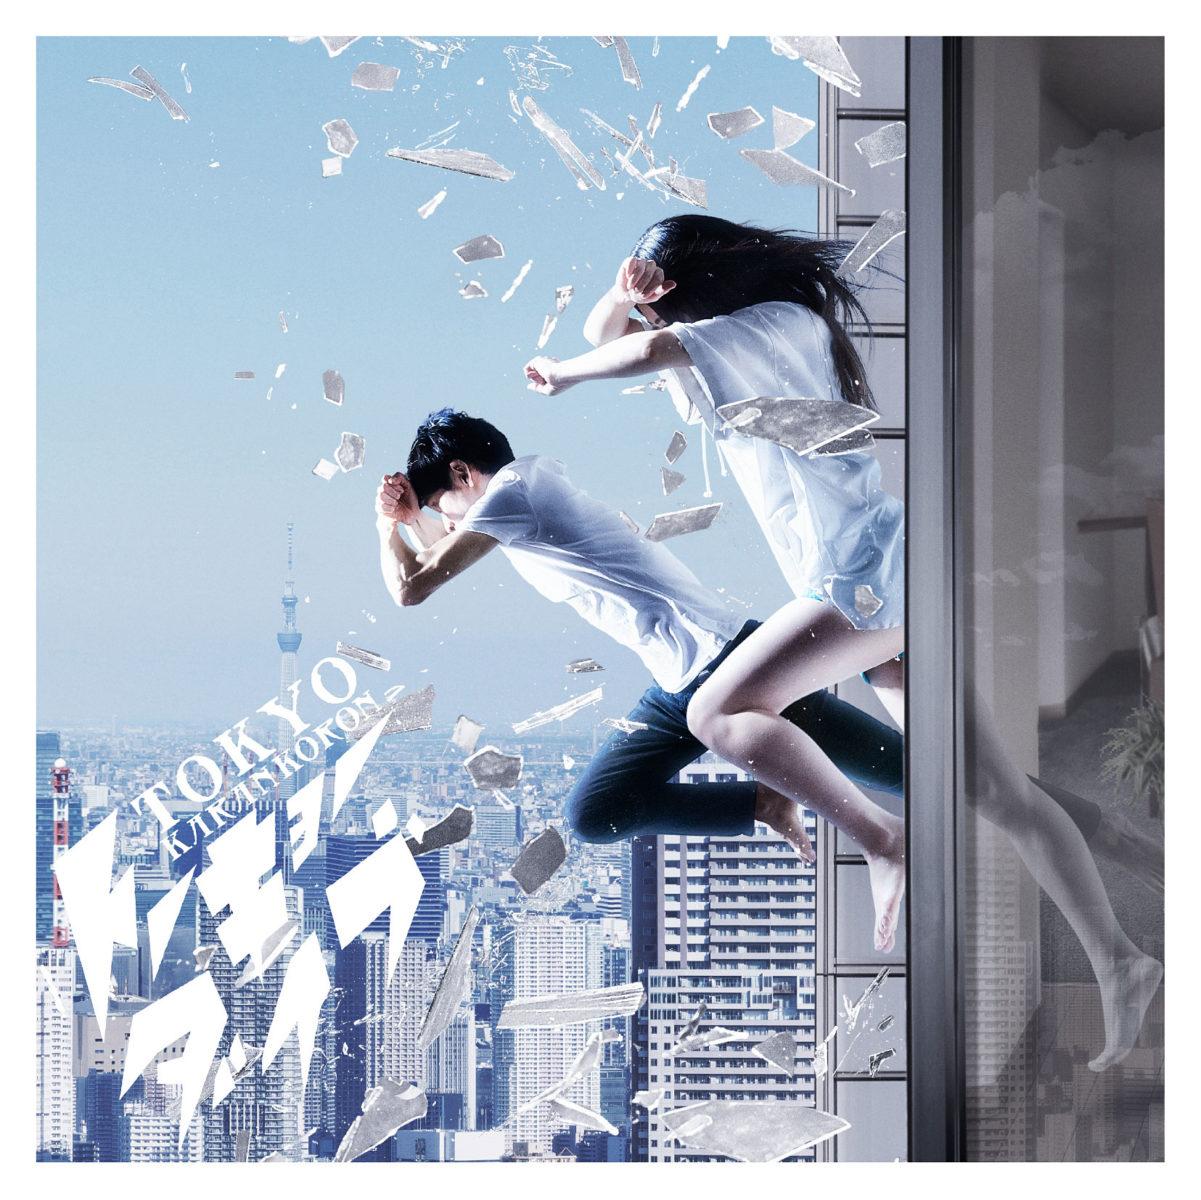 東京カランコロン『トーキョーダイブ』 / CDジャケットデザイン